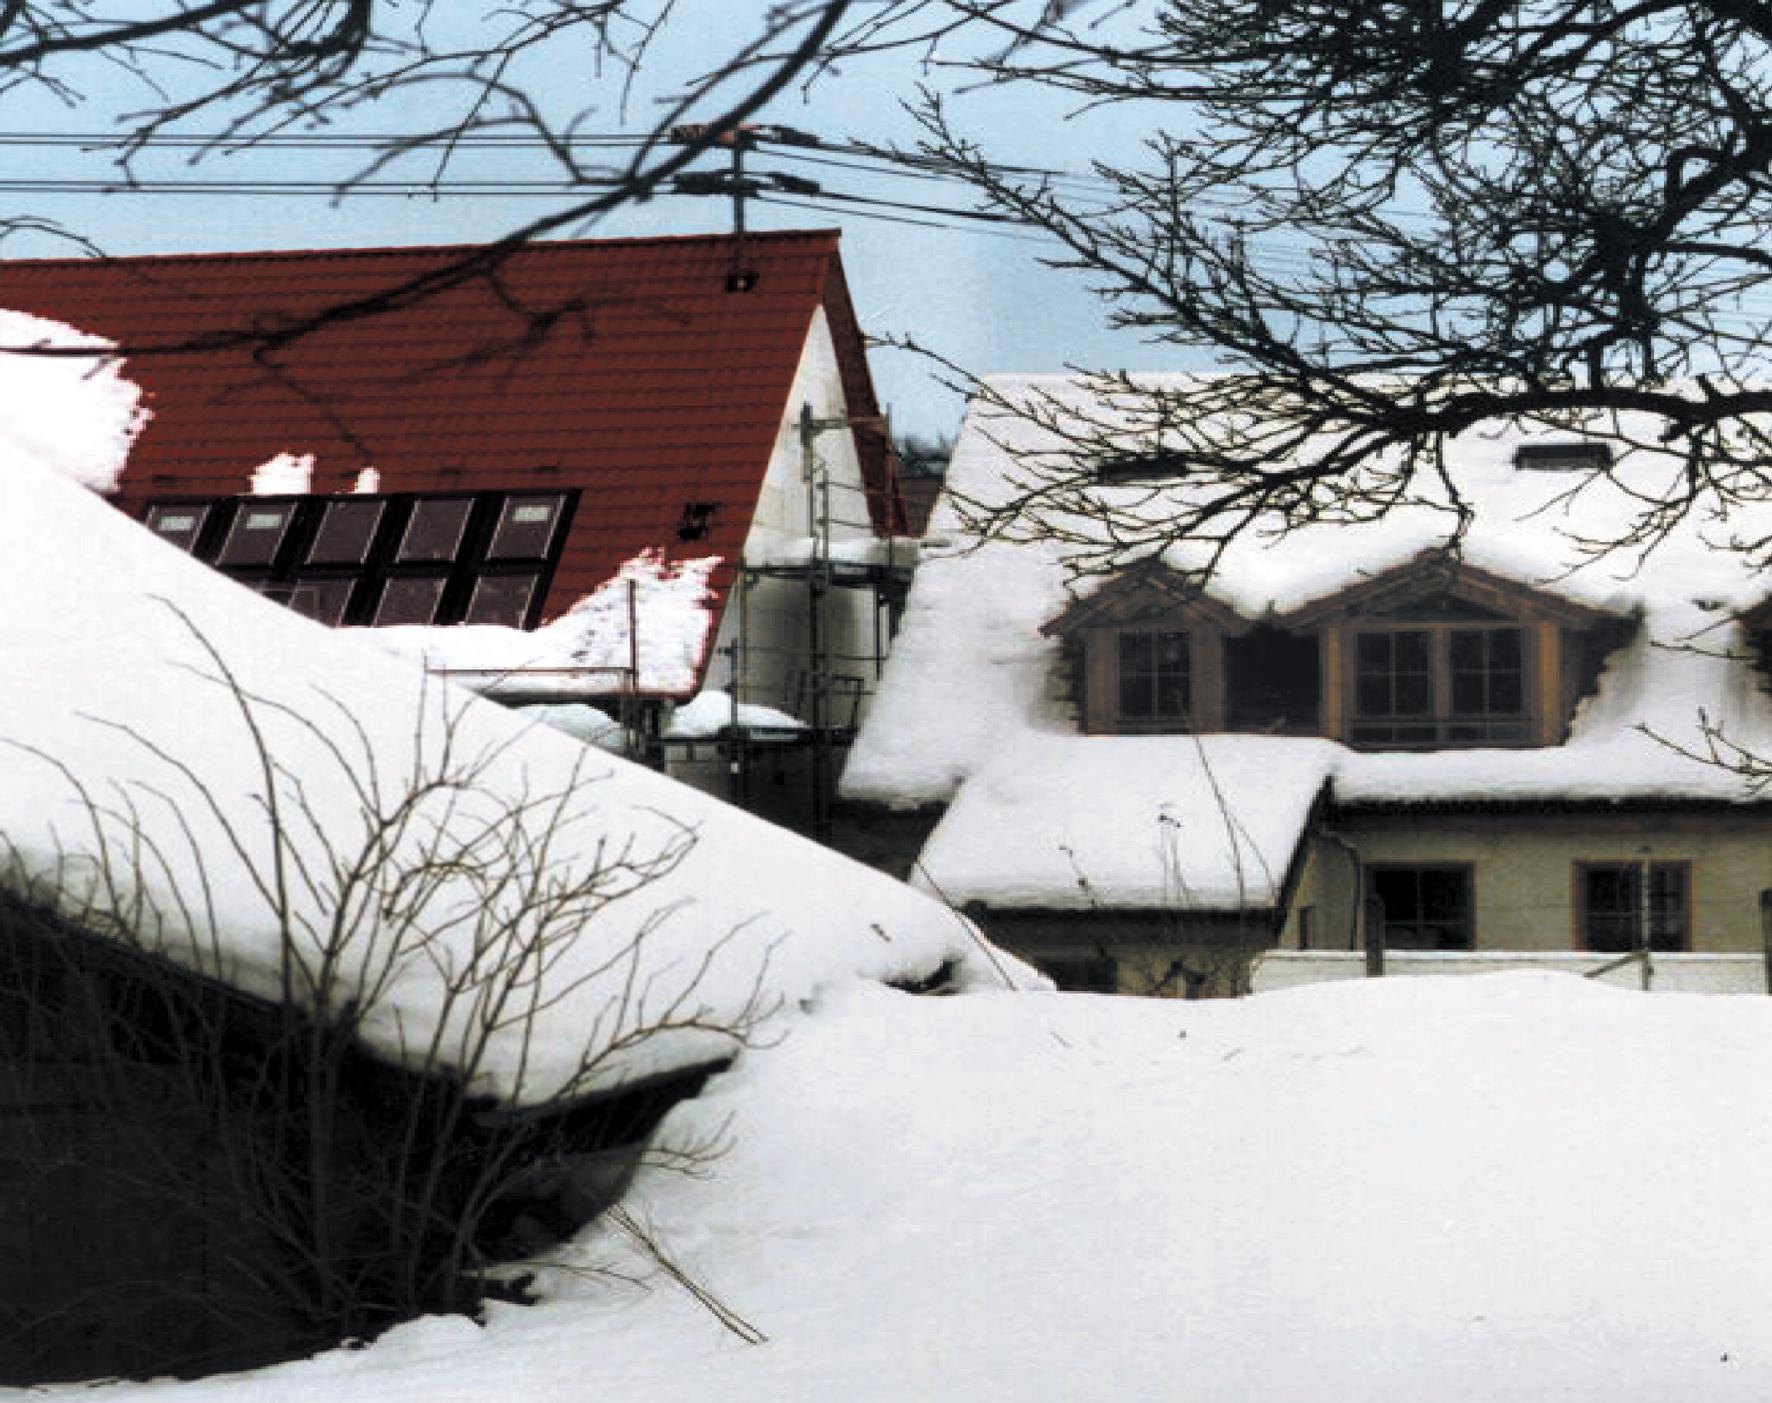 Bauder_Effizienz_Daemmung_Haus im Schnee